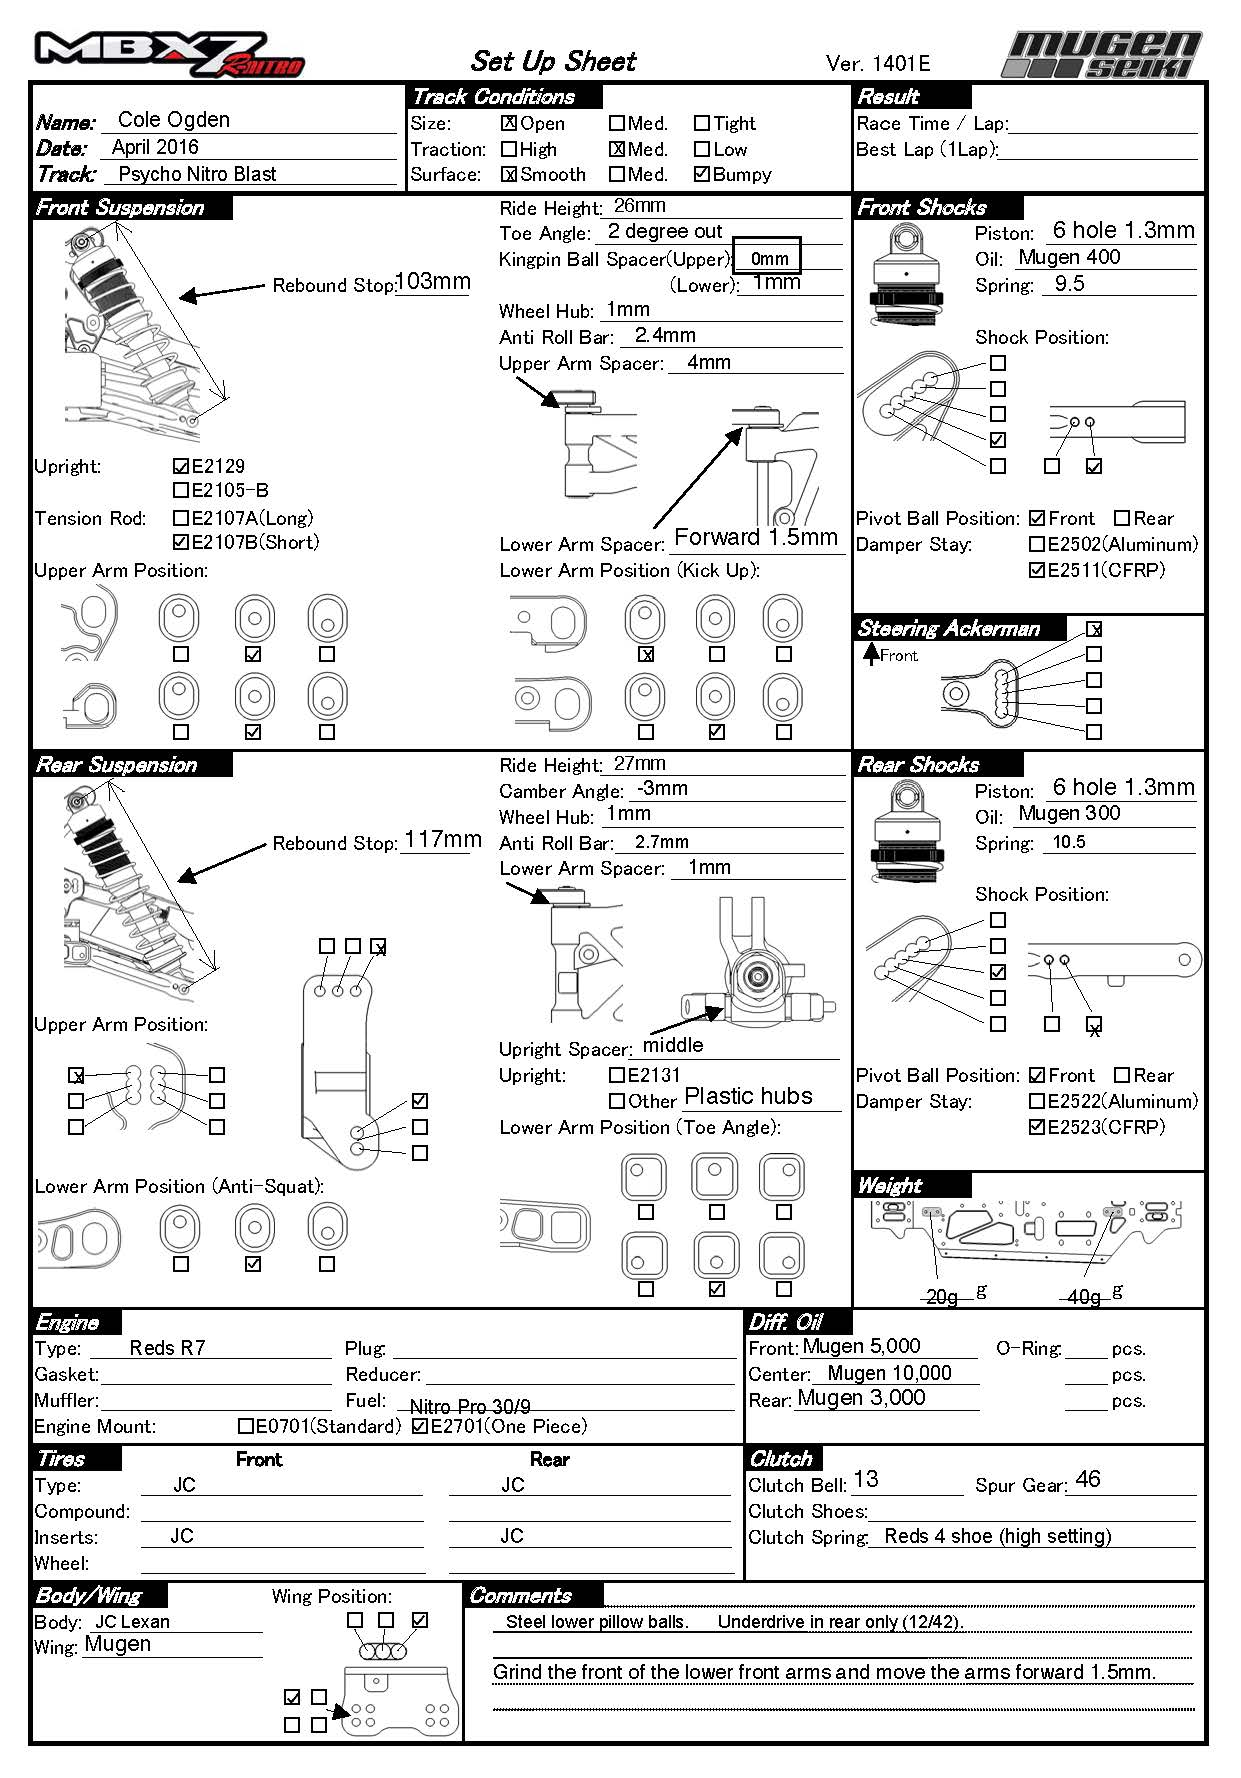 Setup Sheets